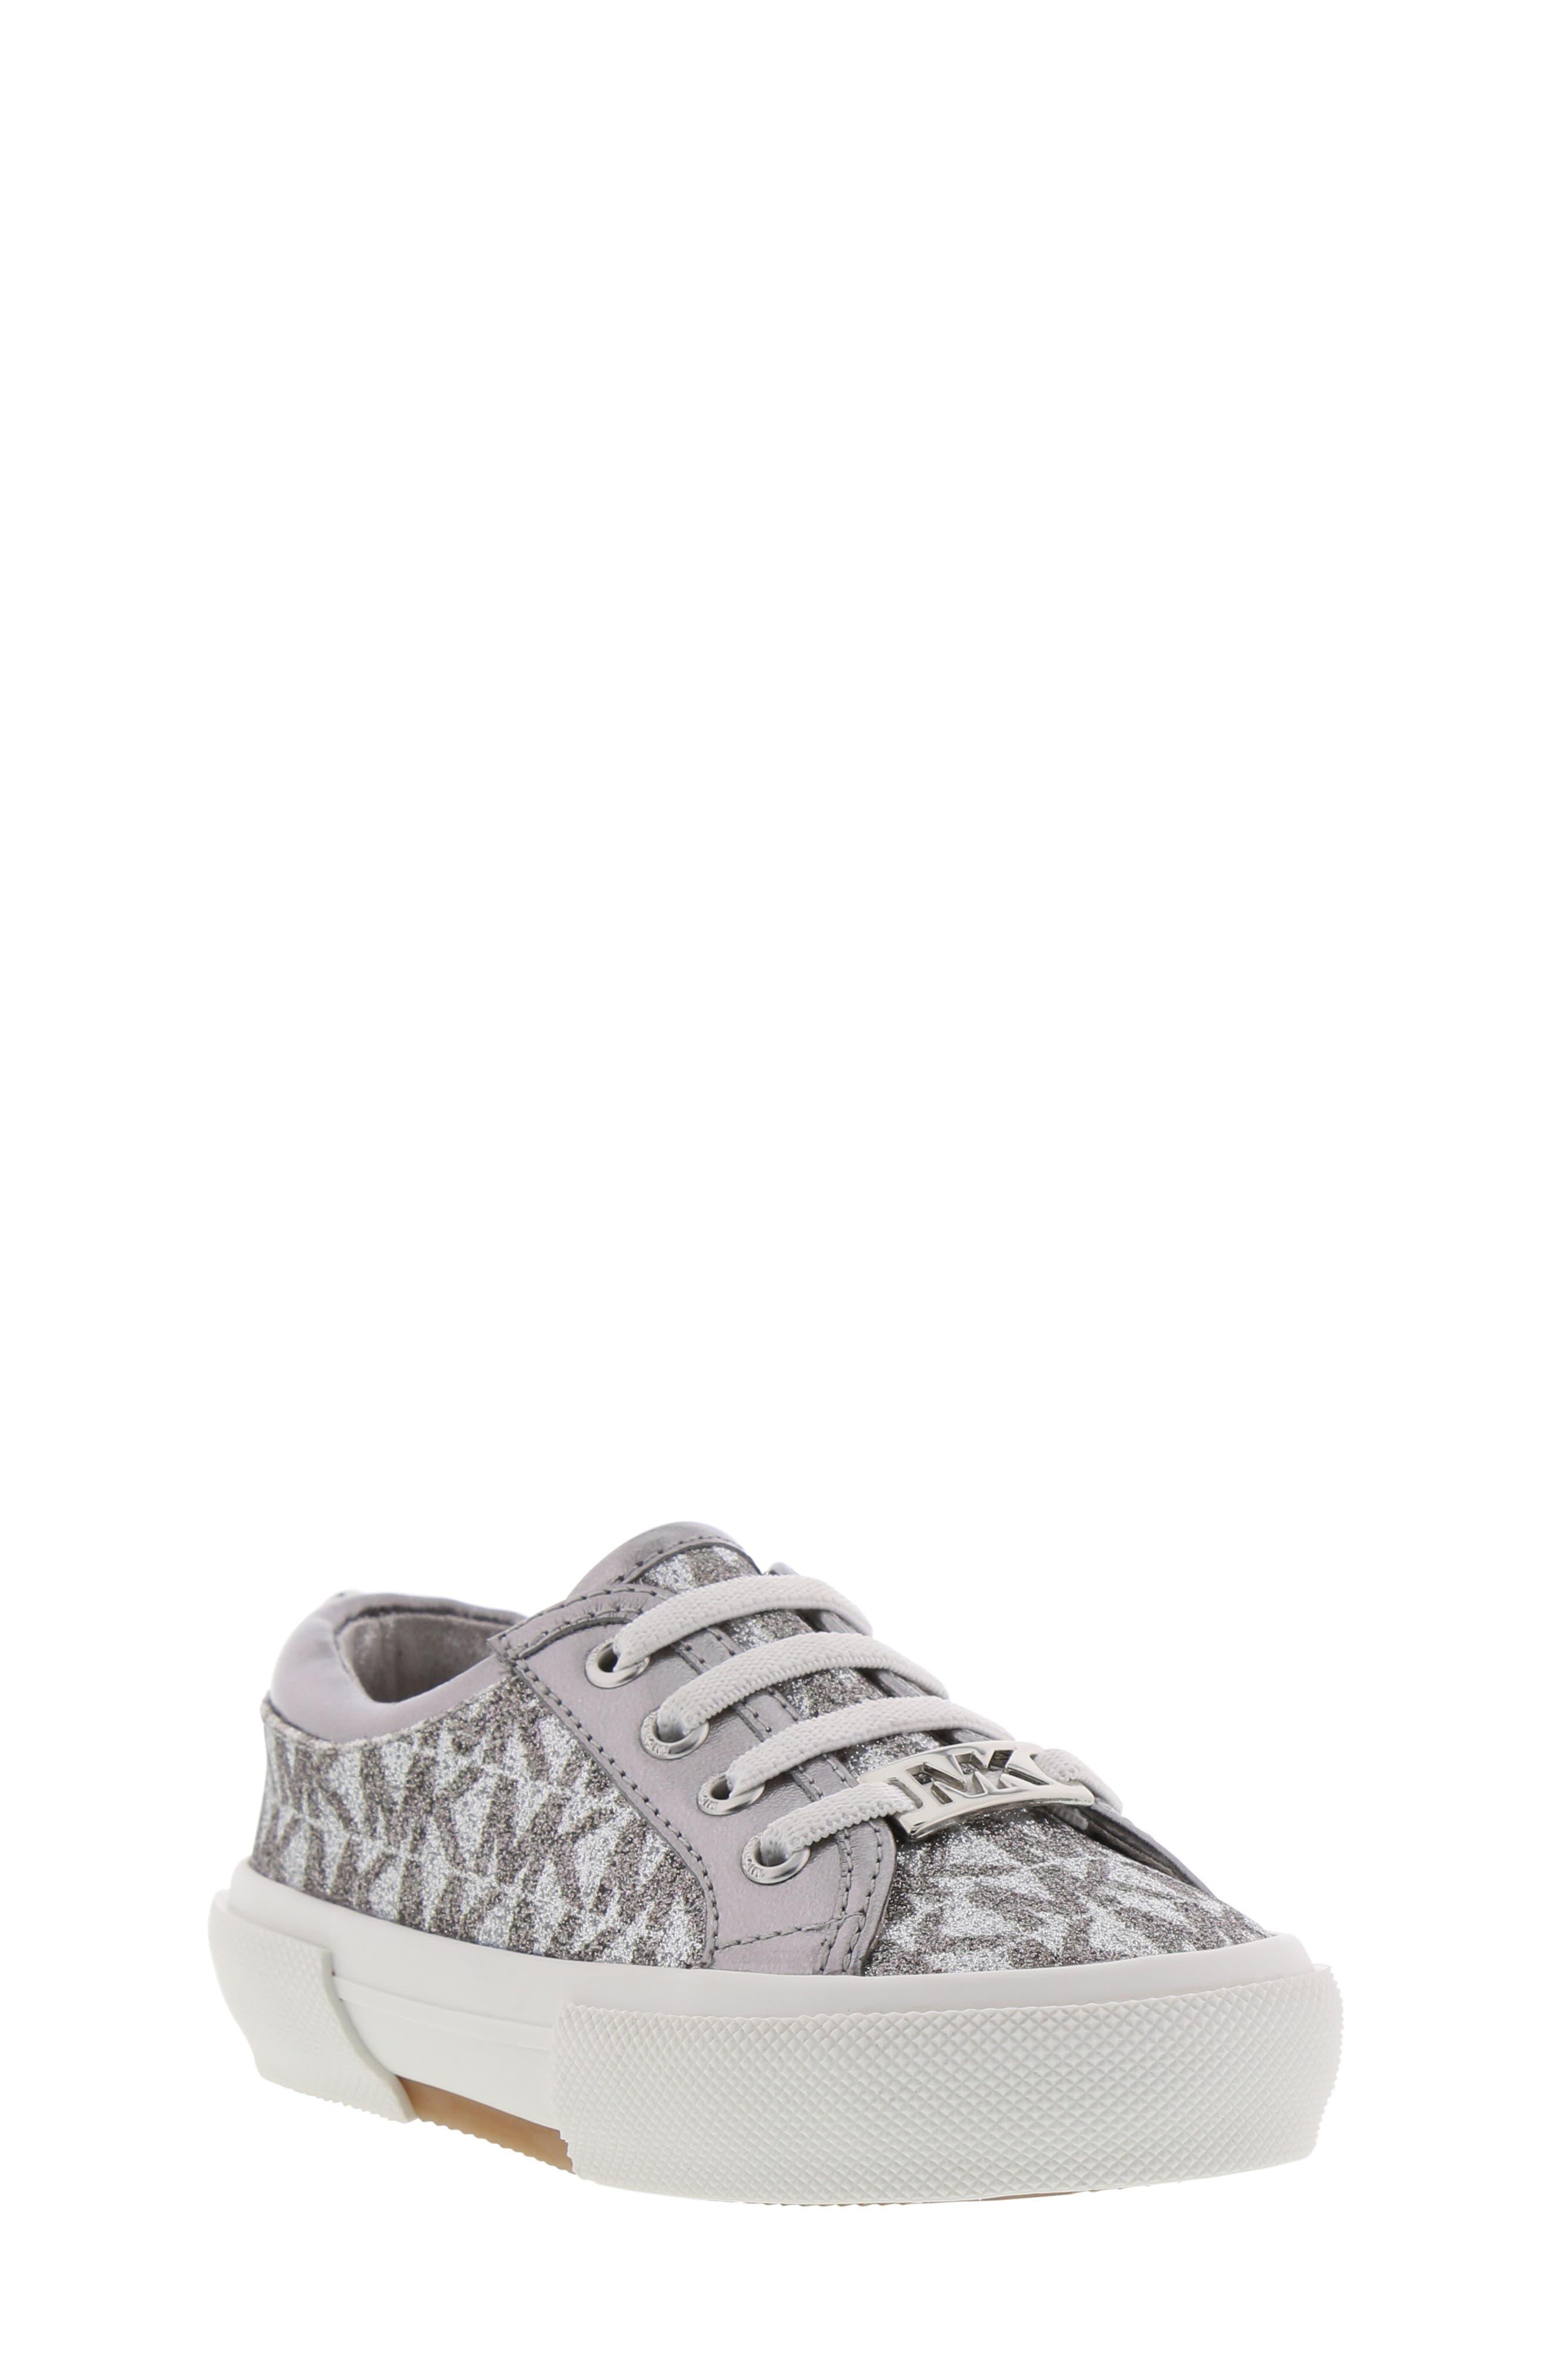 MICHAEL MICHAEL KORS,                             Ima Tinsel Sneaker,                             Main thumbnail 1, color,                             GUNMETAL